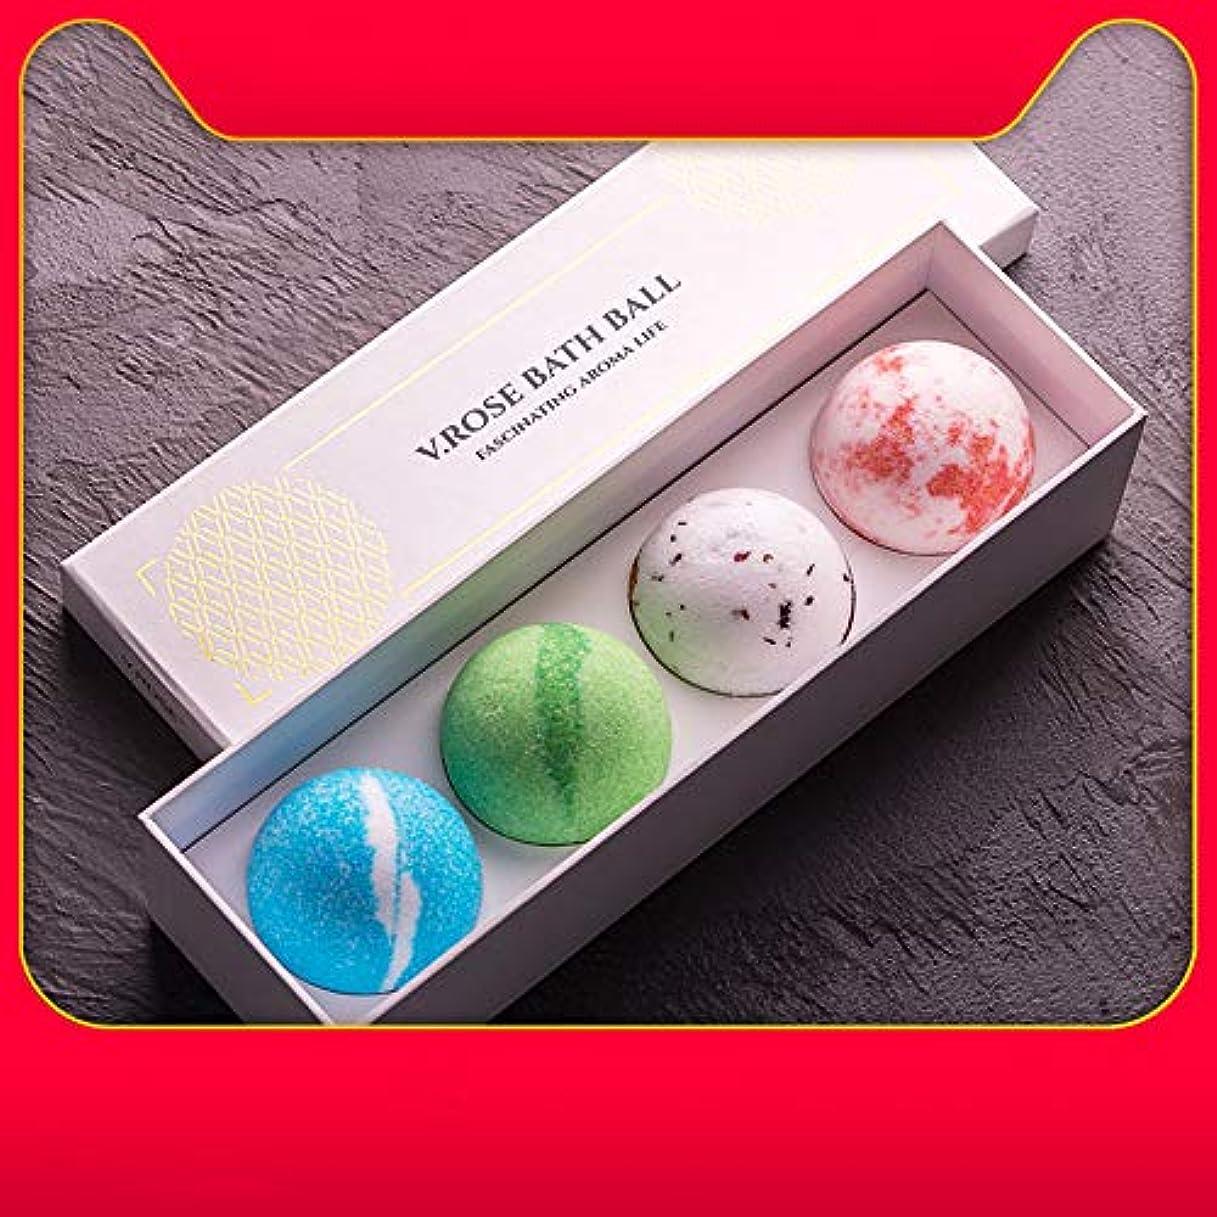 アンティーク未使用重要なバスボム 炭酸 入浴剤 ギフト 手作り お風呂用 4つの香りキット 天然素材 カラフル バスボール 母の日 結婚記念日 プレゼント